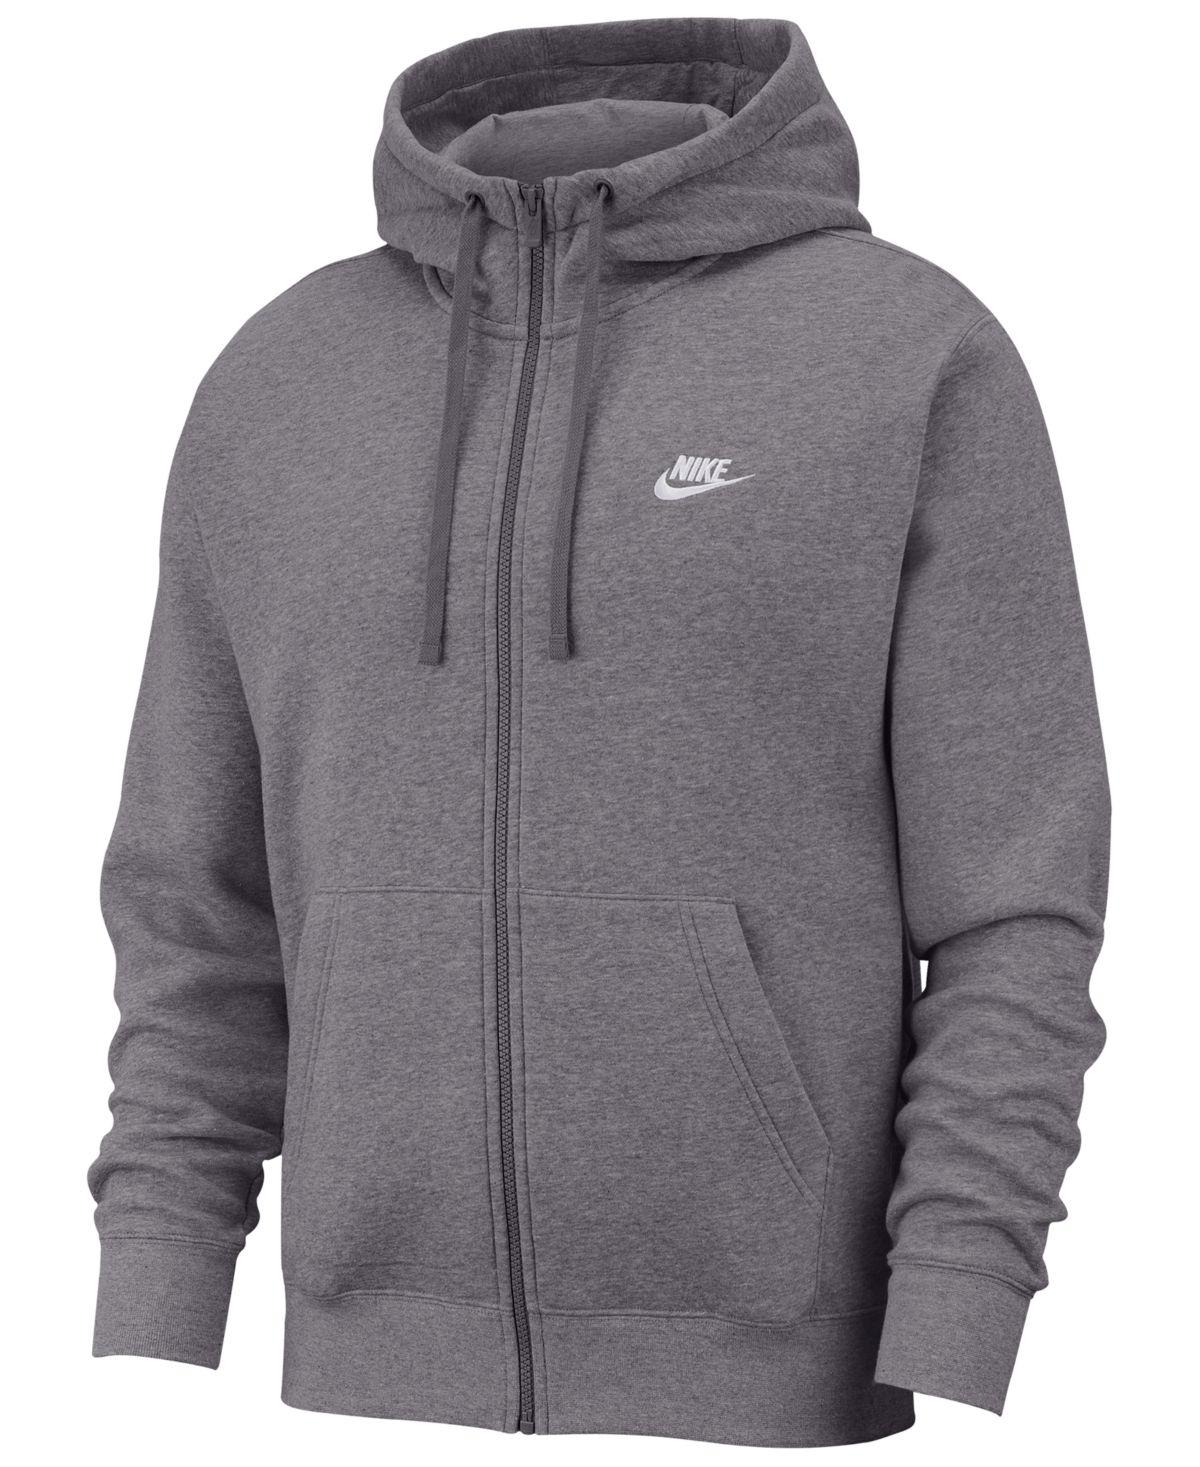 Nike Men S Club Fleece Full Zip Hoodie Reviews All Activewear Men Macy S Full Zip Hoodie Nike Hoodie Hoodies [ 1467 x 1200 Pixel ]